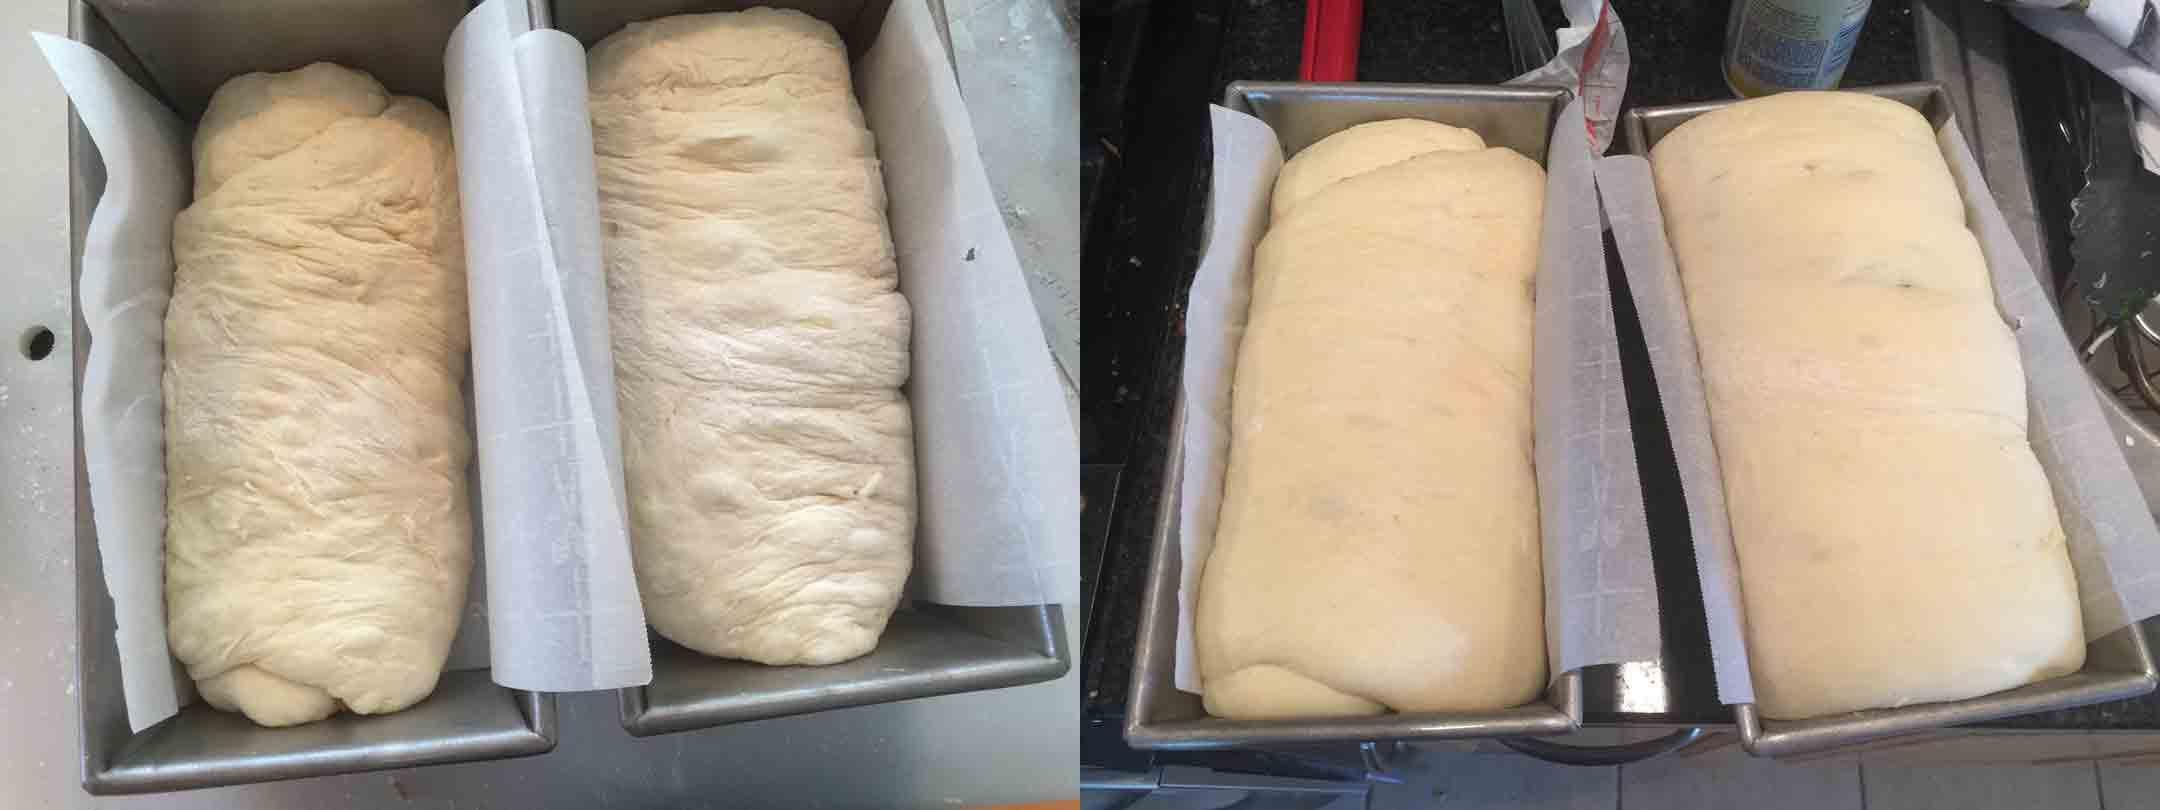 white-bread-rise